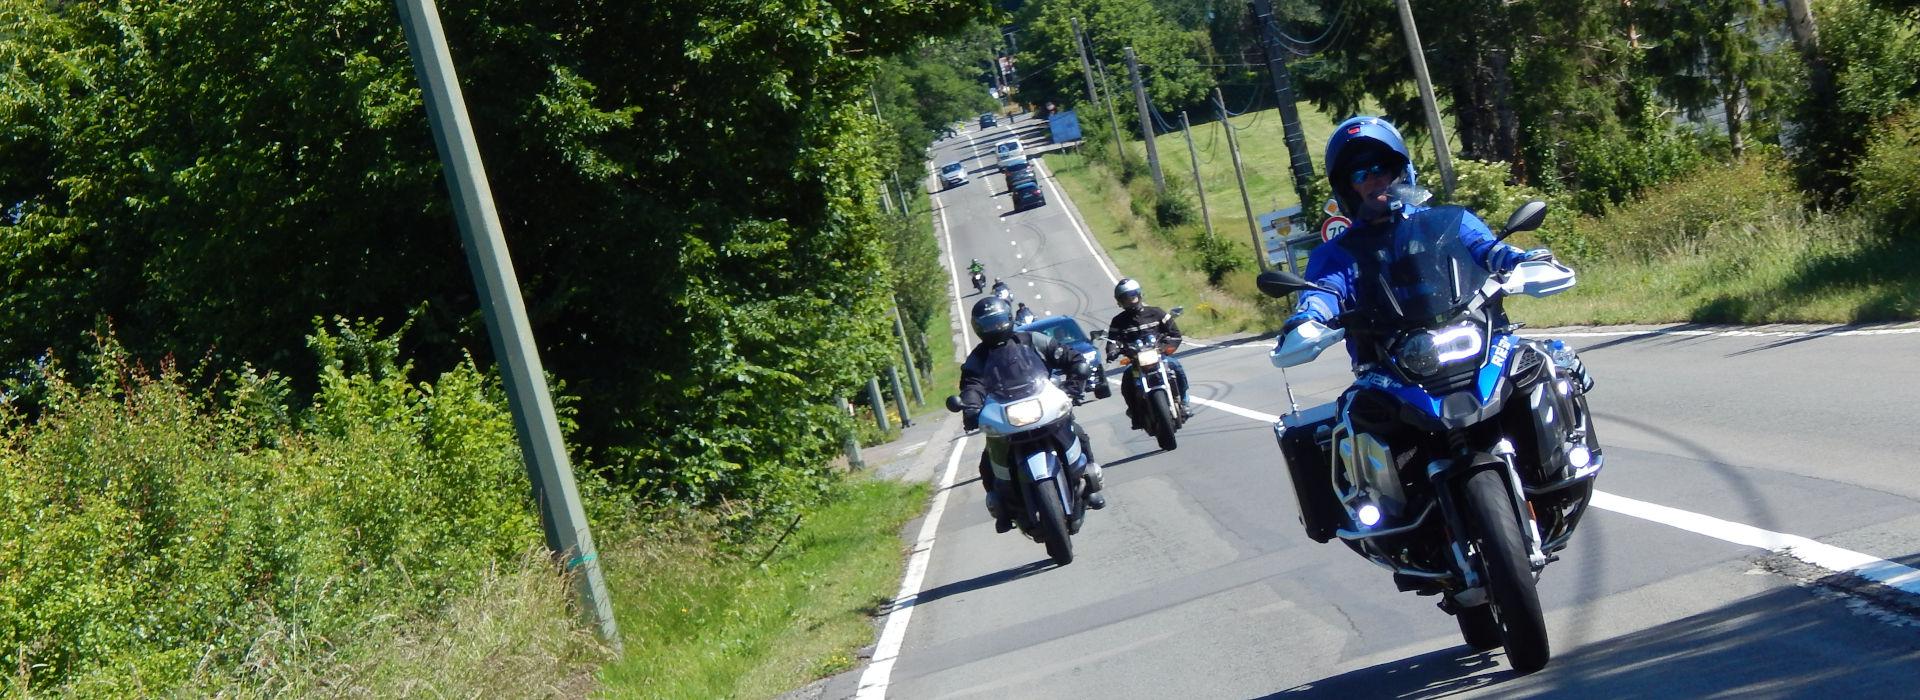 Motorrijbewijspoint Zaltbommel motorrijcholen